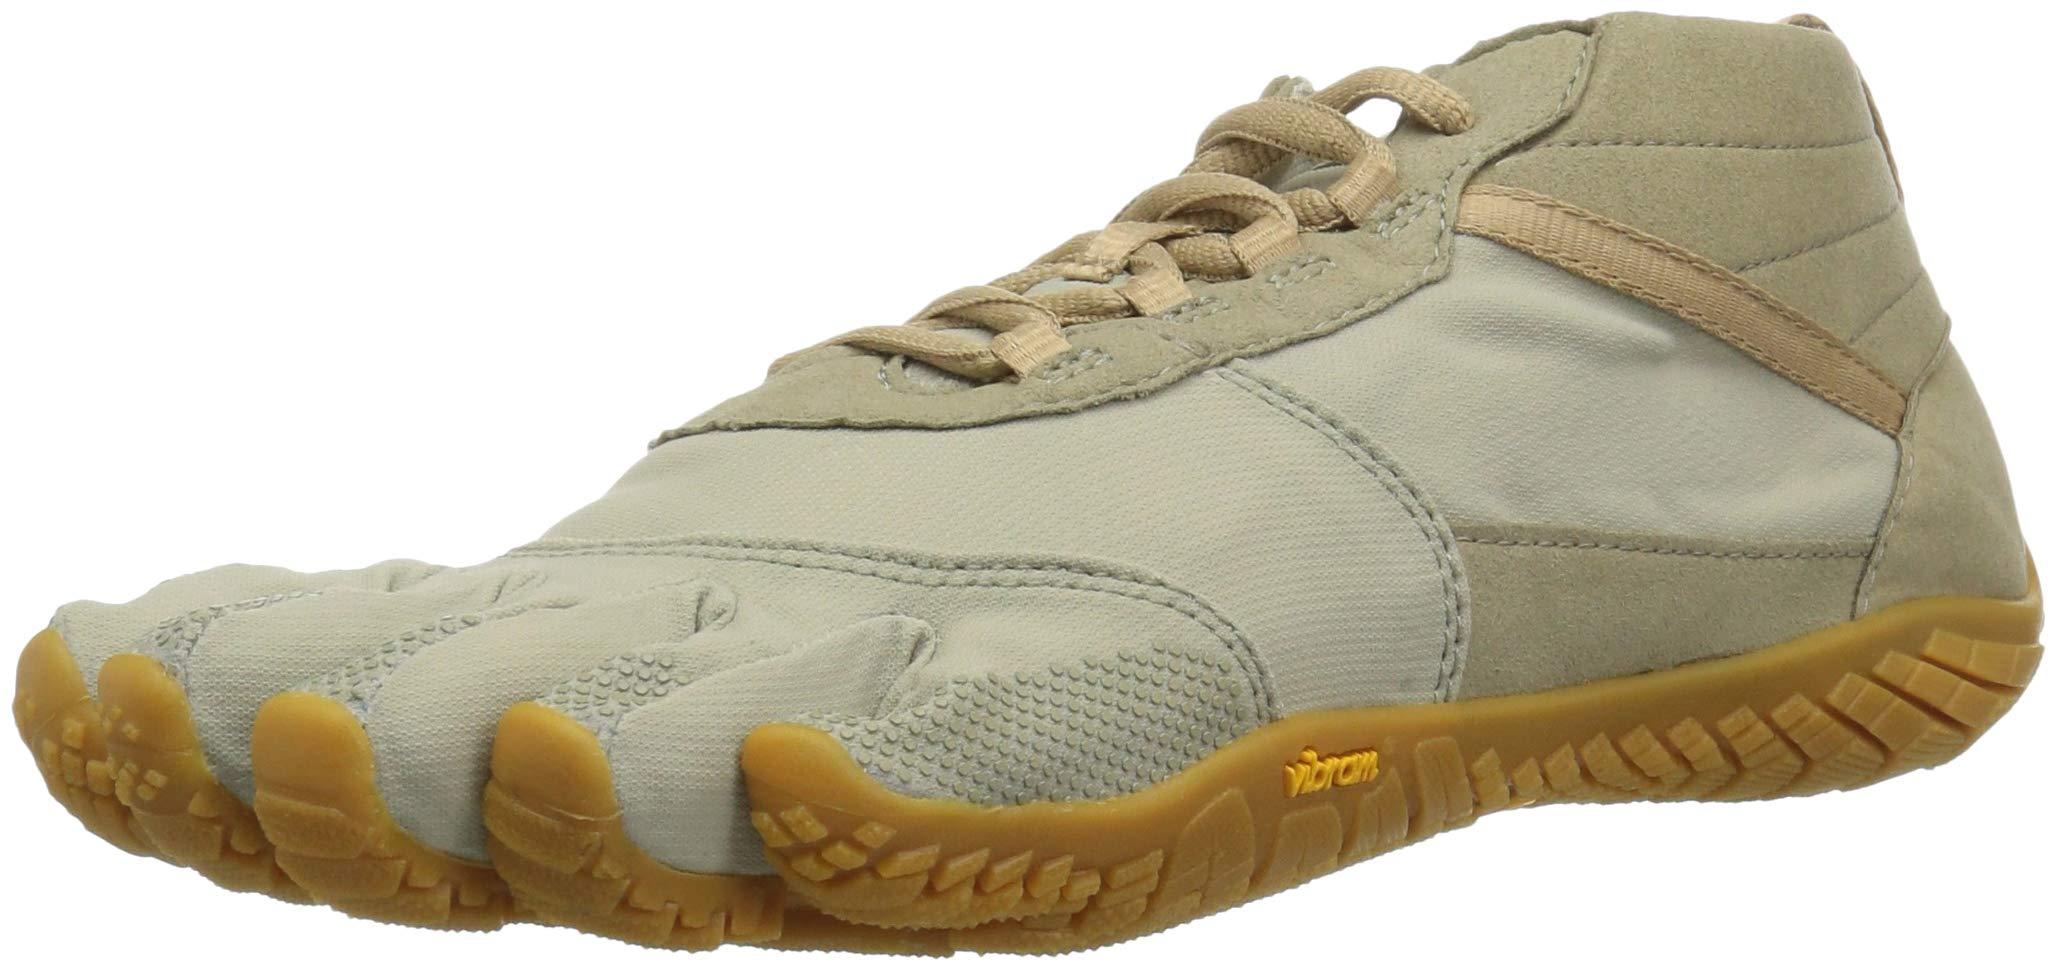 Vibram Women's V-Trek Khaki/Gum Trail Running Shoe 8-8.5 M B EU (40 EU/8-8.5 US US)